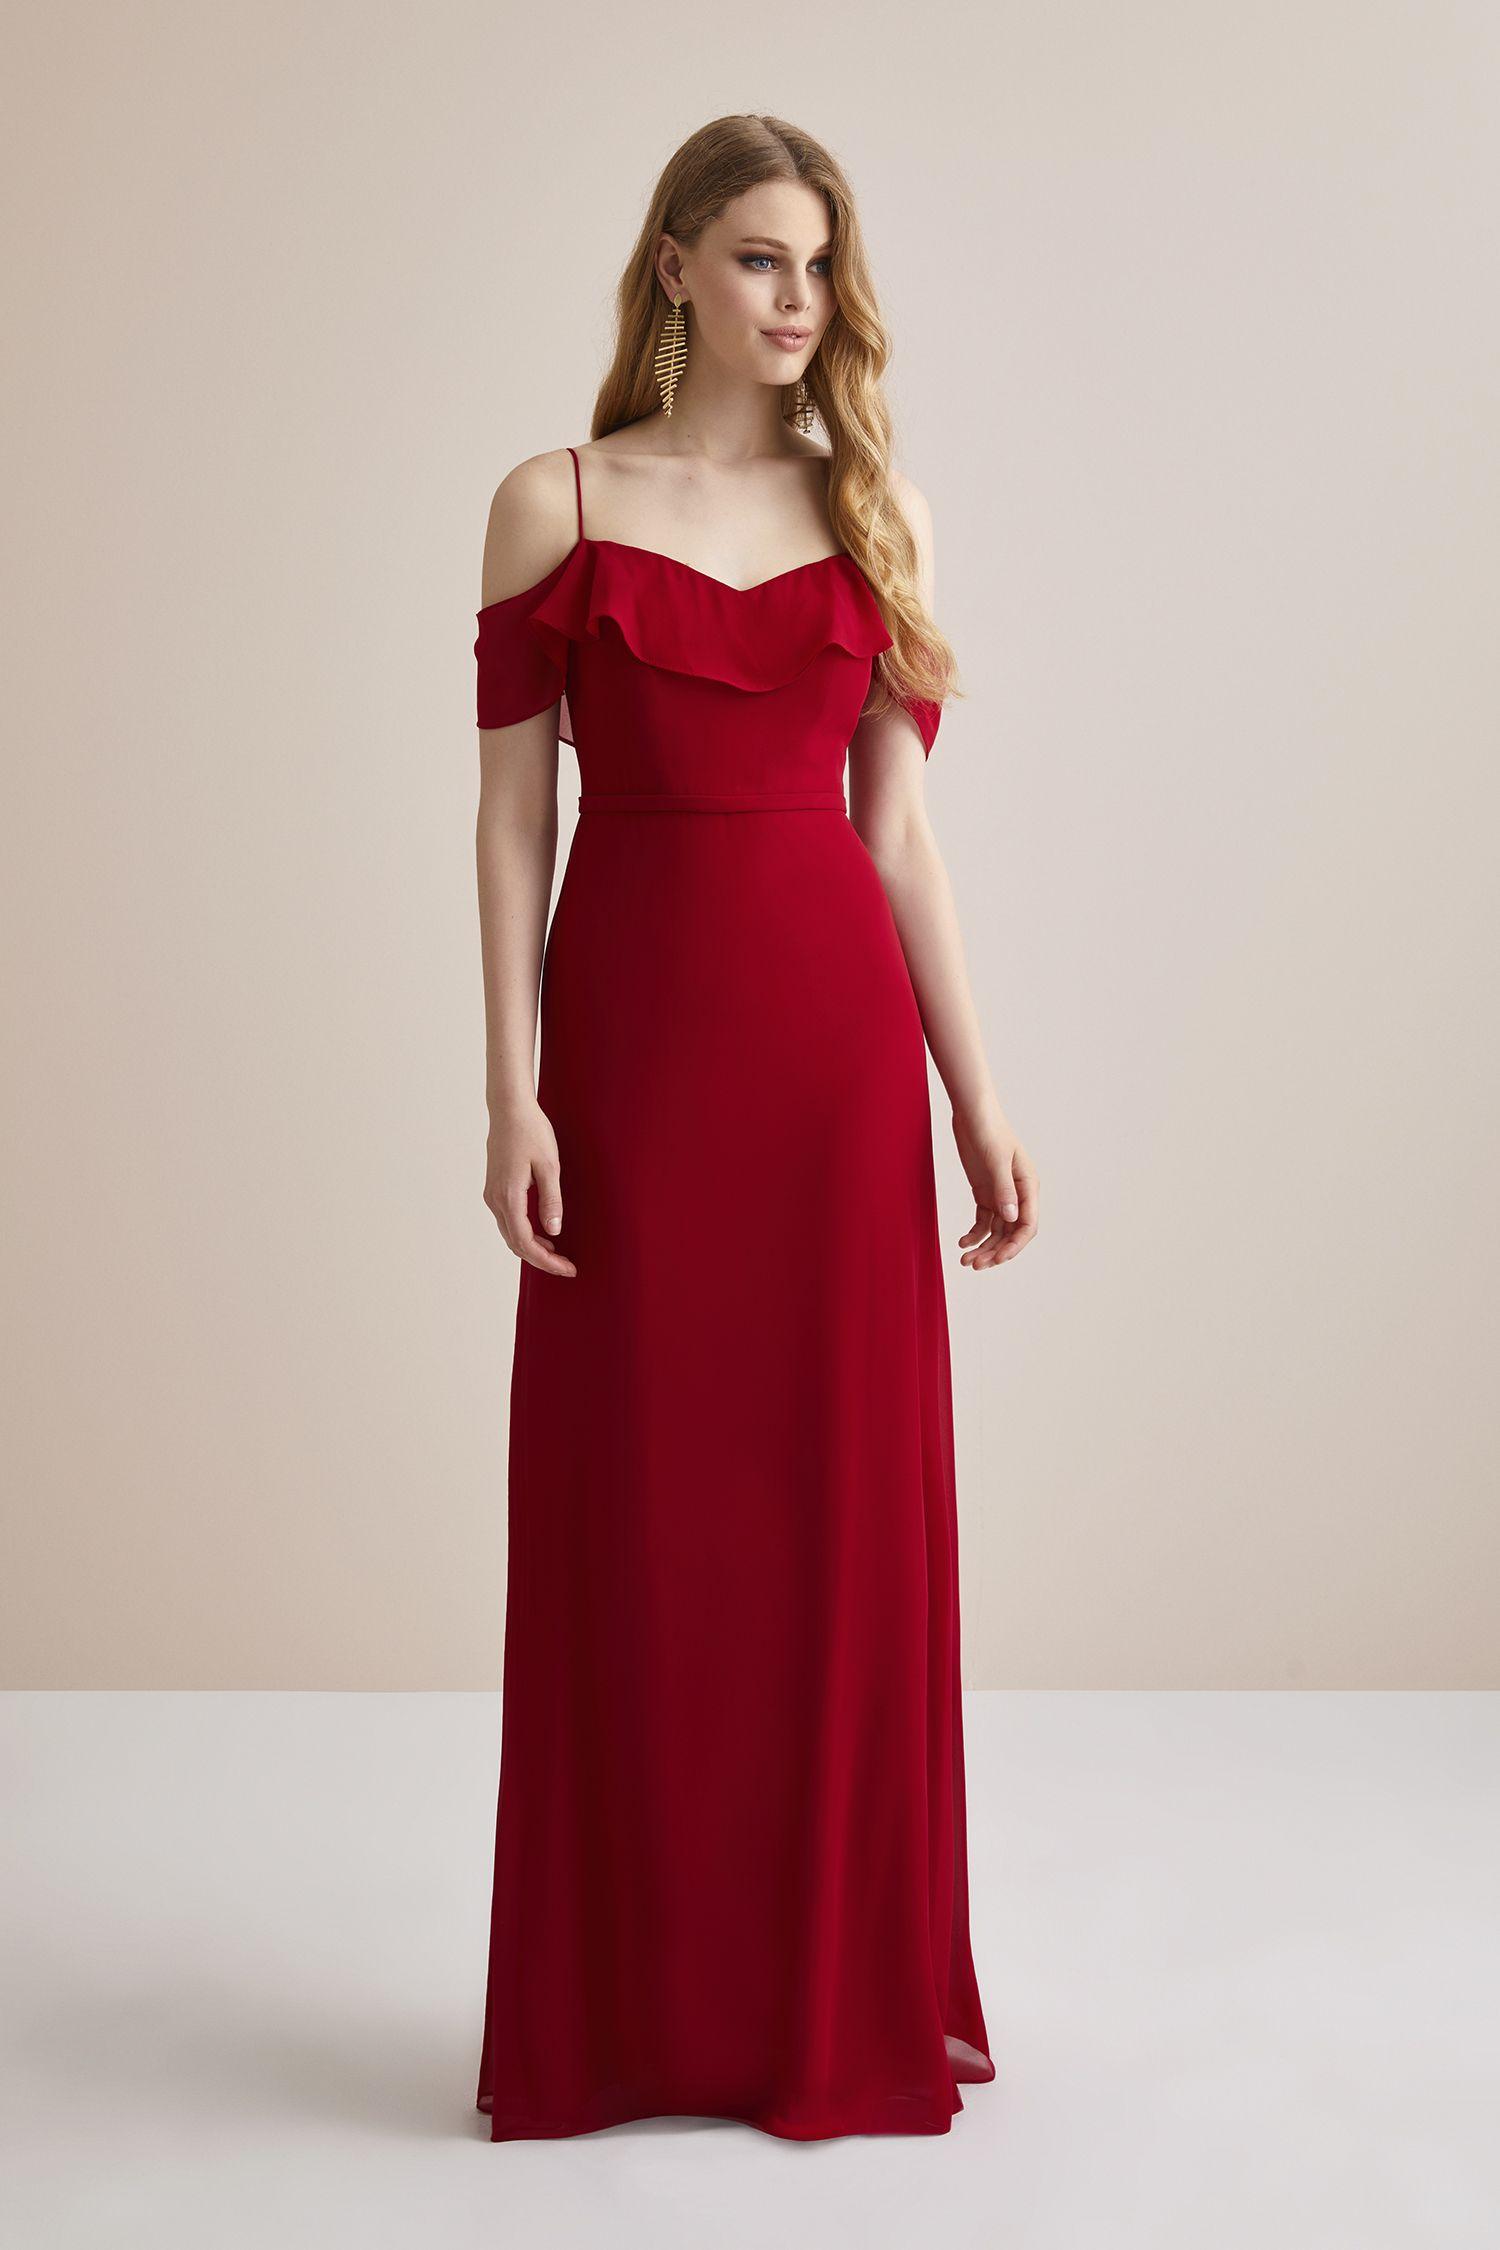 c1bafb9cd7606 Kırmızı İnce Askılı Şifon Uzun Abiye Elbise. Düğün gününde gelinin en yakın  arkadaşı Nedimeler şıklığını